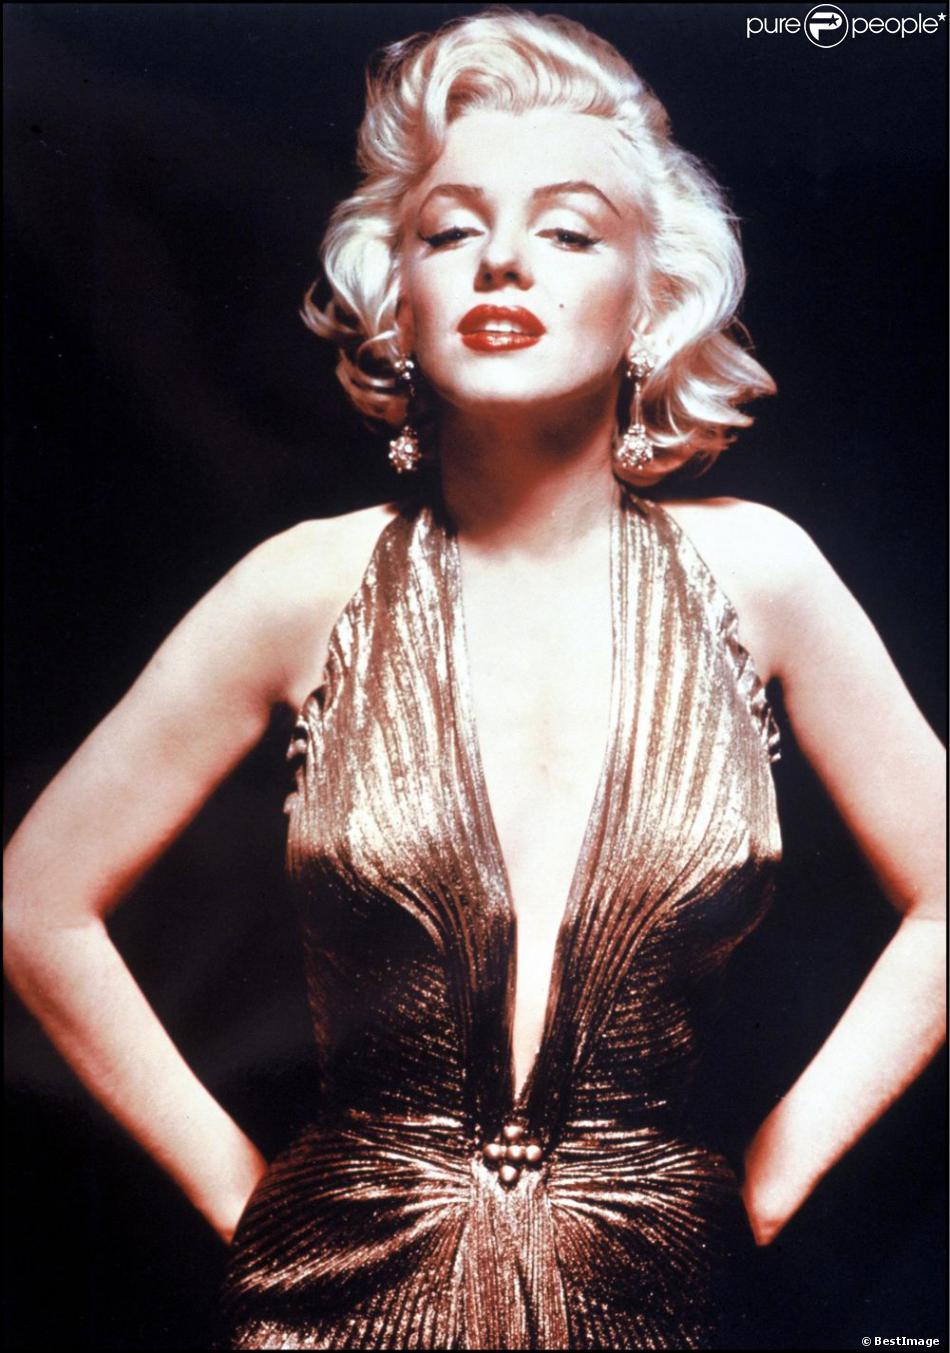 L'icône Marilyn Monroe